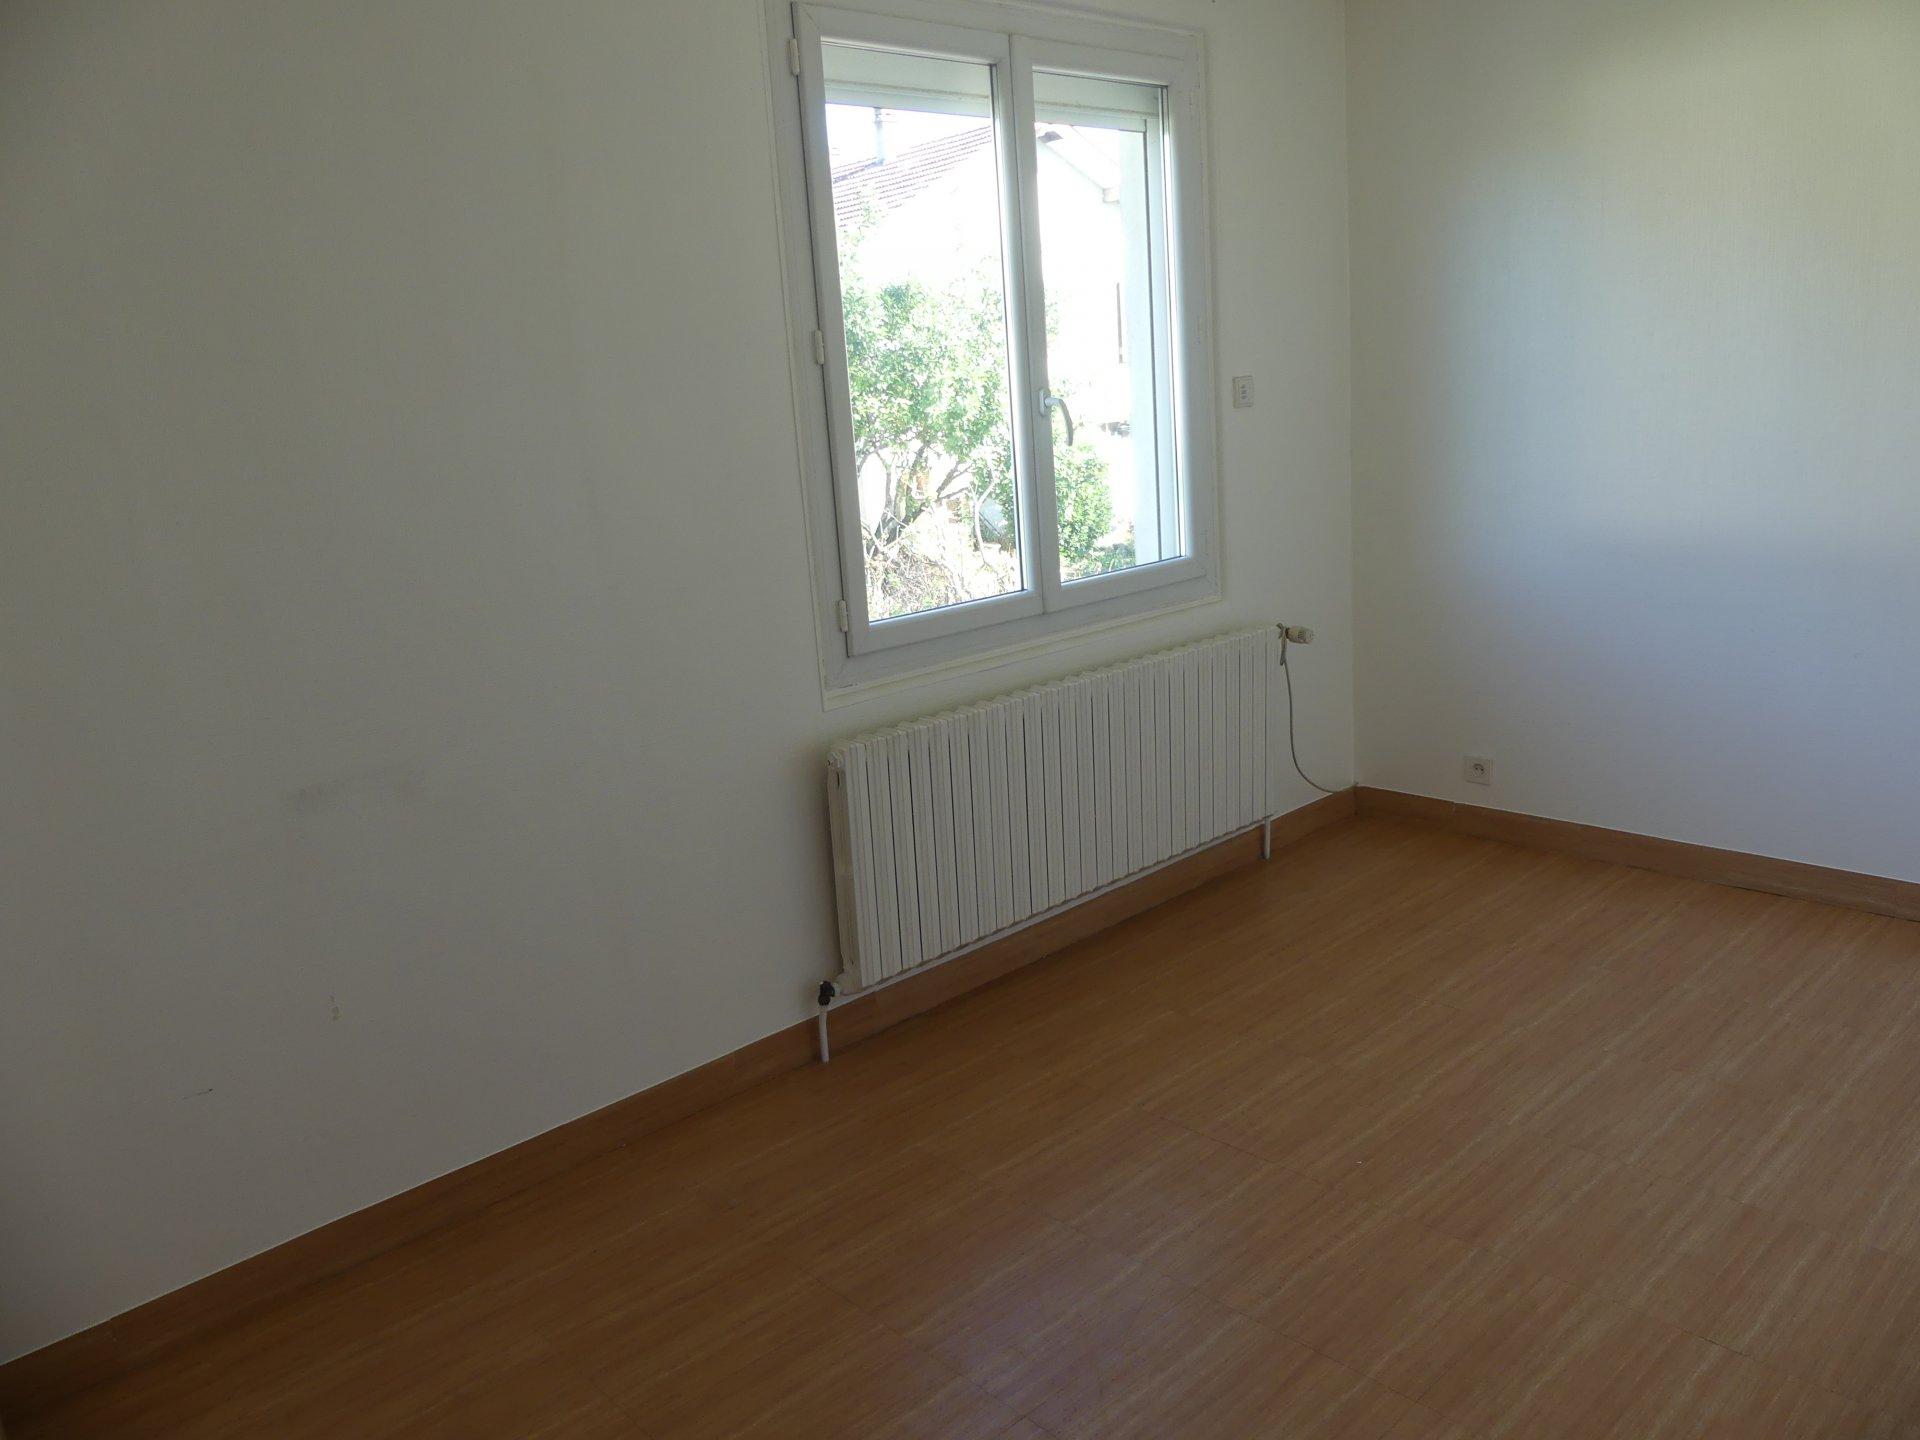 Maison 3 pièces de 67m² env